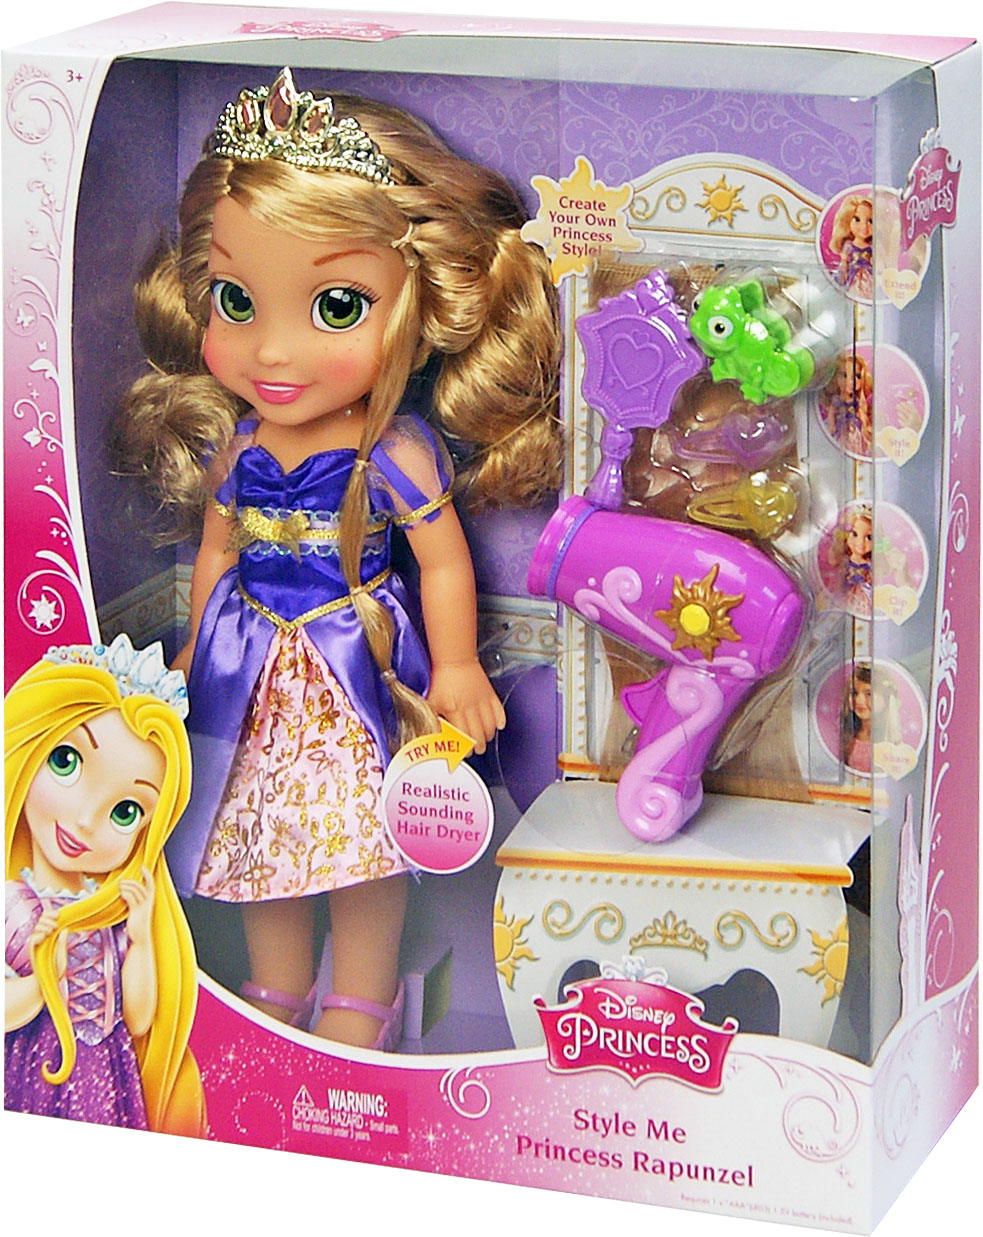 Іграшка лялька Disney Рапунцель арт.86819 (86821) музика, на бат., в кор. 12*33*38см